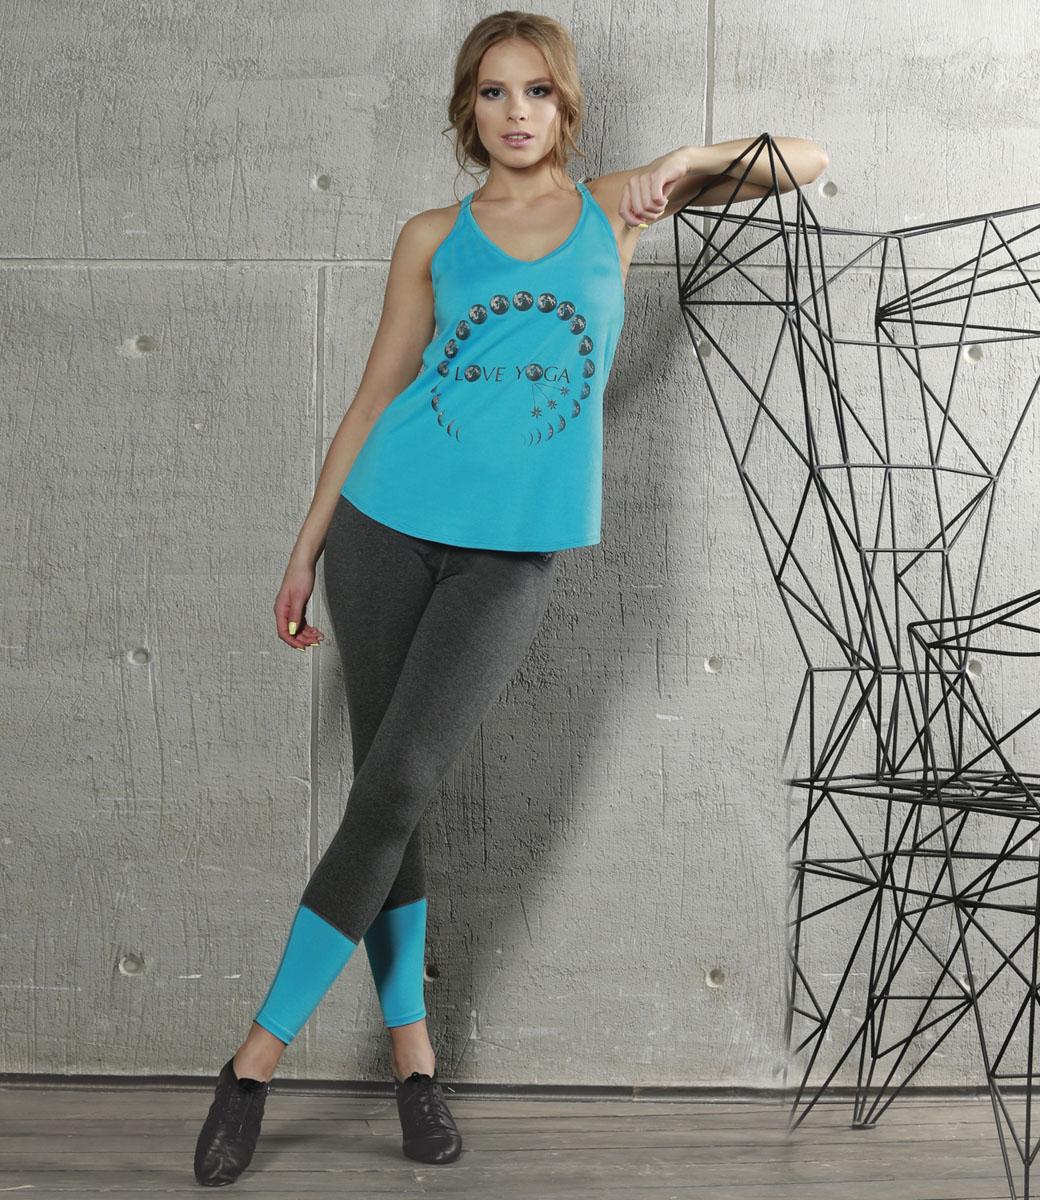 Лосины для йоги женские Grishko, цвет: темно-серый, голубой. AL-2936. Размер L (48)AL-2936Спортивные лосины с высоким корректирующим поясом. Модель выполнена из приятной на ощупь вискозы с лайкрой и оформлена контрастными вставками.